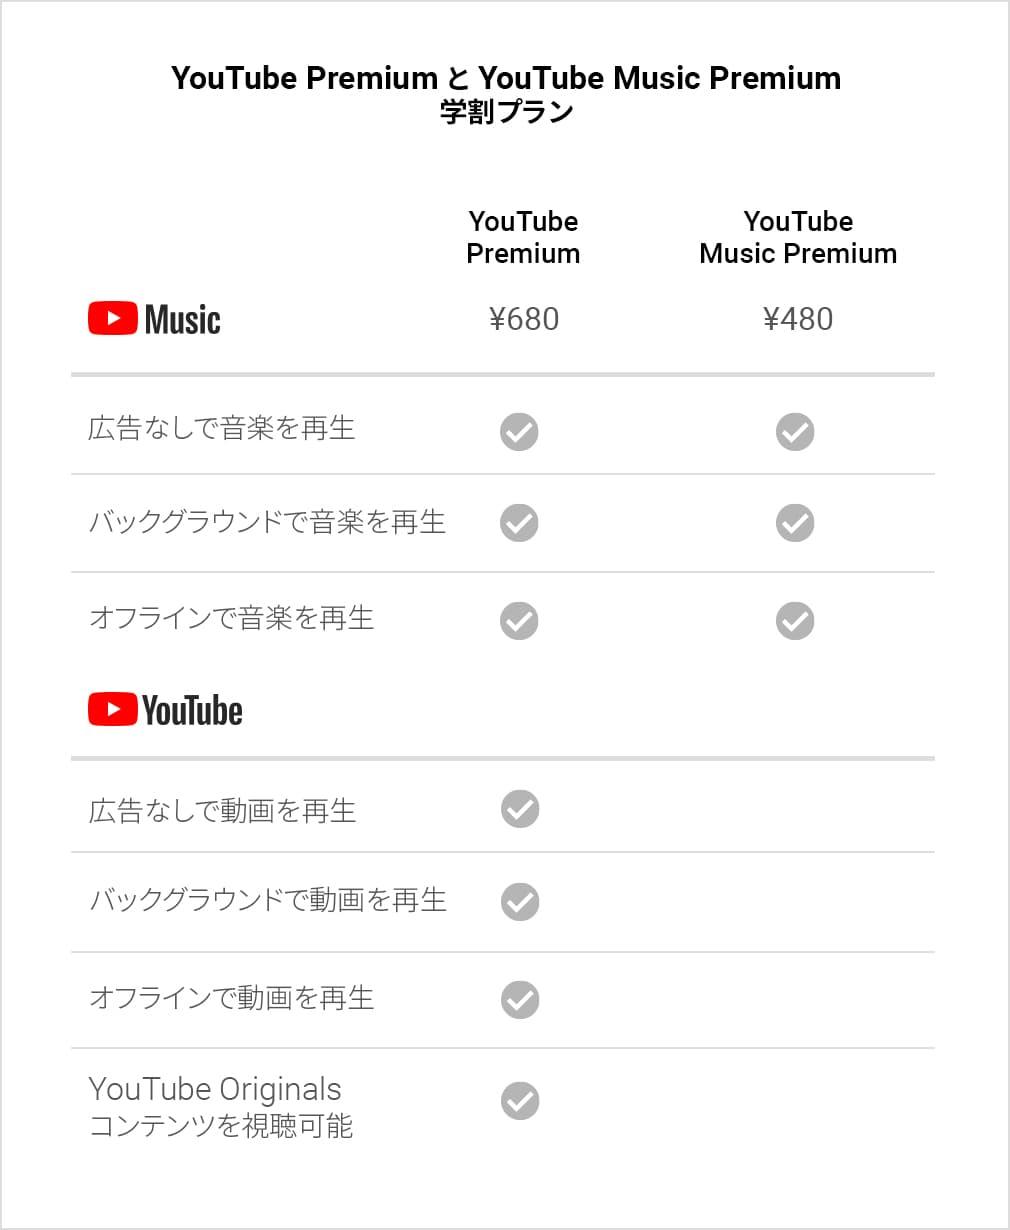 「YouTube Music Premium」と「YouTube Premium」の比較表